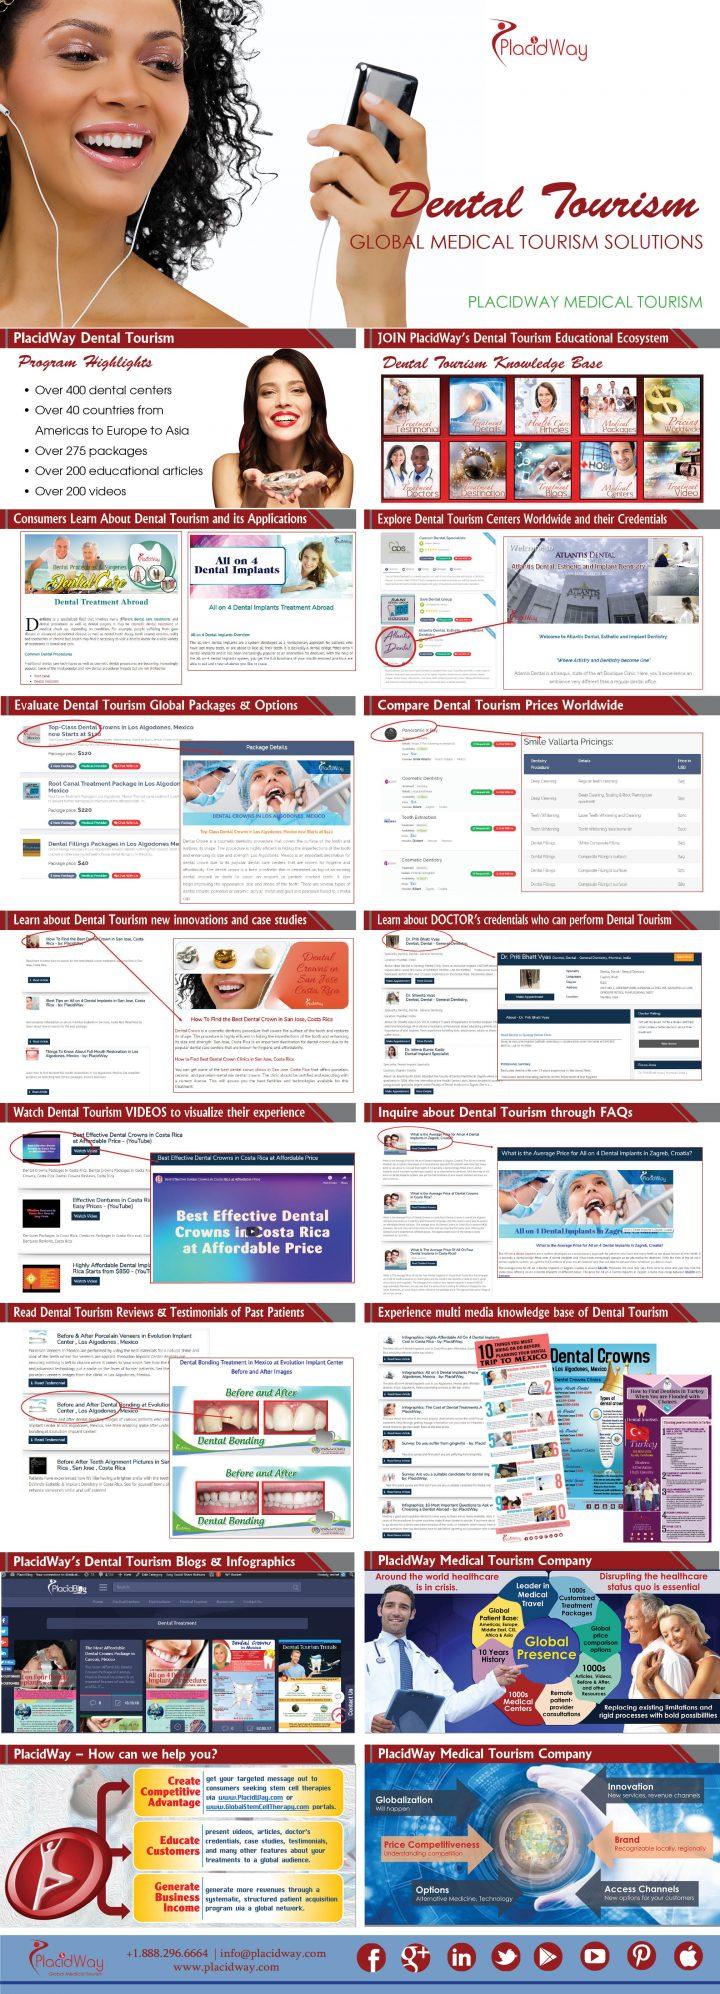 Infographics: Introducing PlacidWay Dental Tourism Program